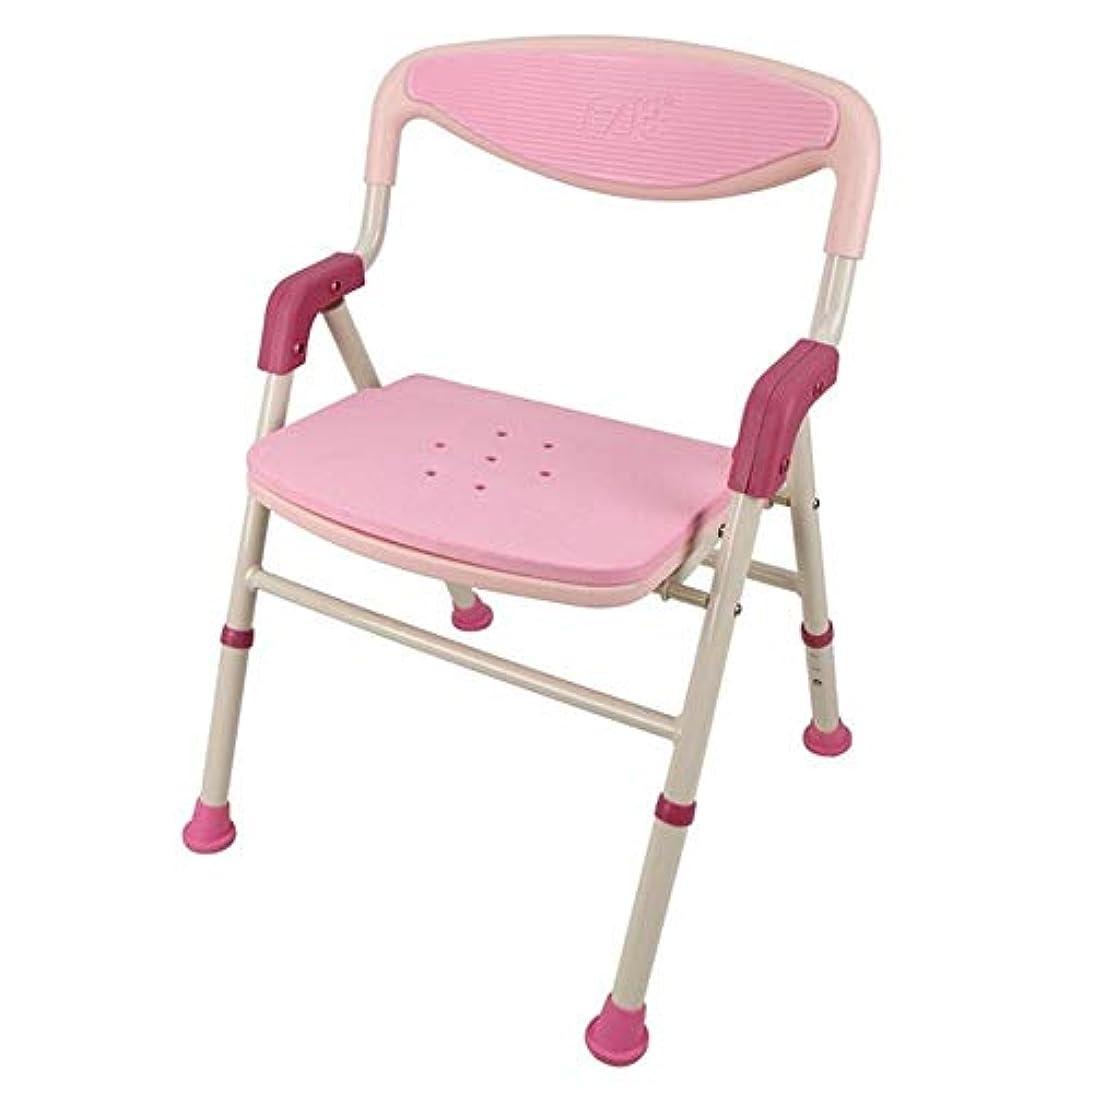 くま欺セクション浴室の腰掛けのアルミニウムシャワーの座席椅子の滑り止めの高さの調節可能な障害援助